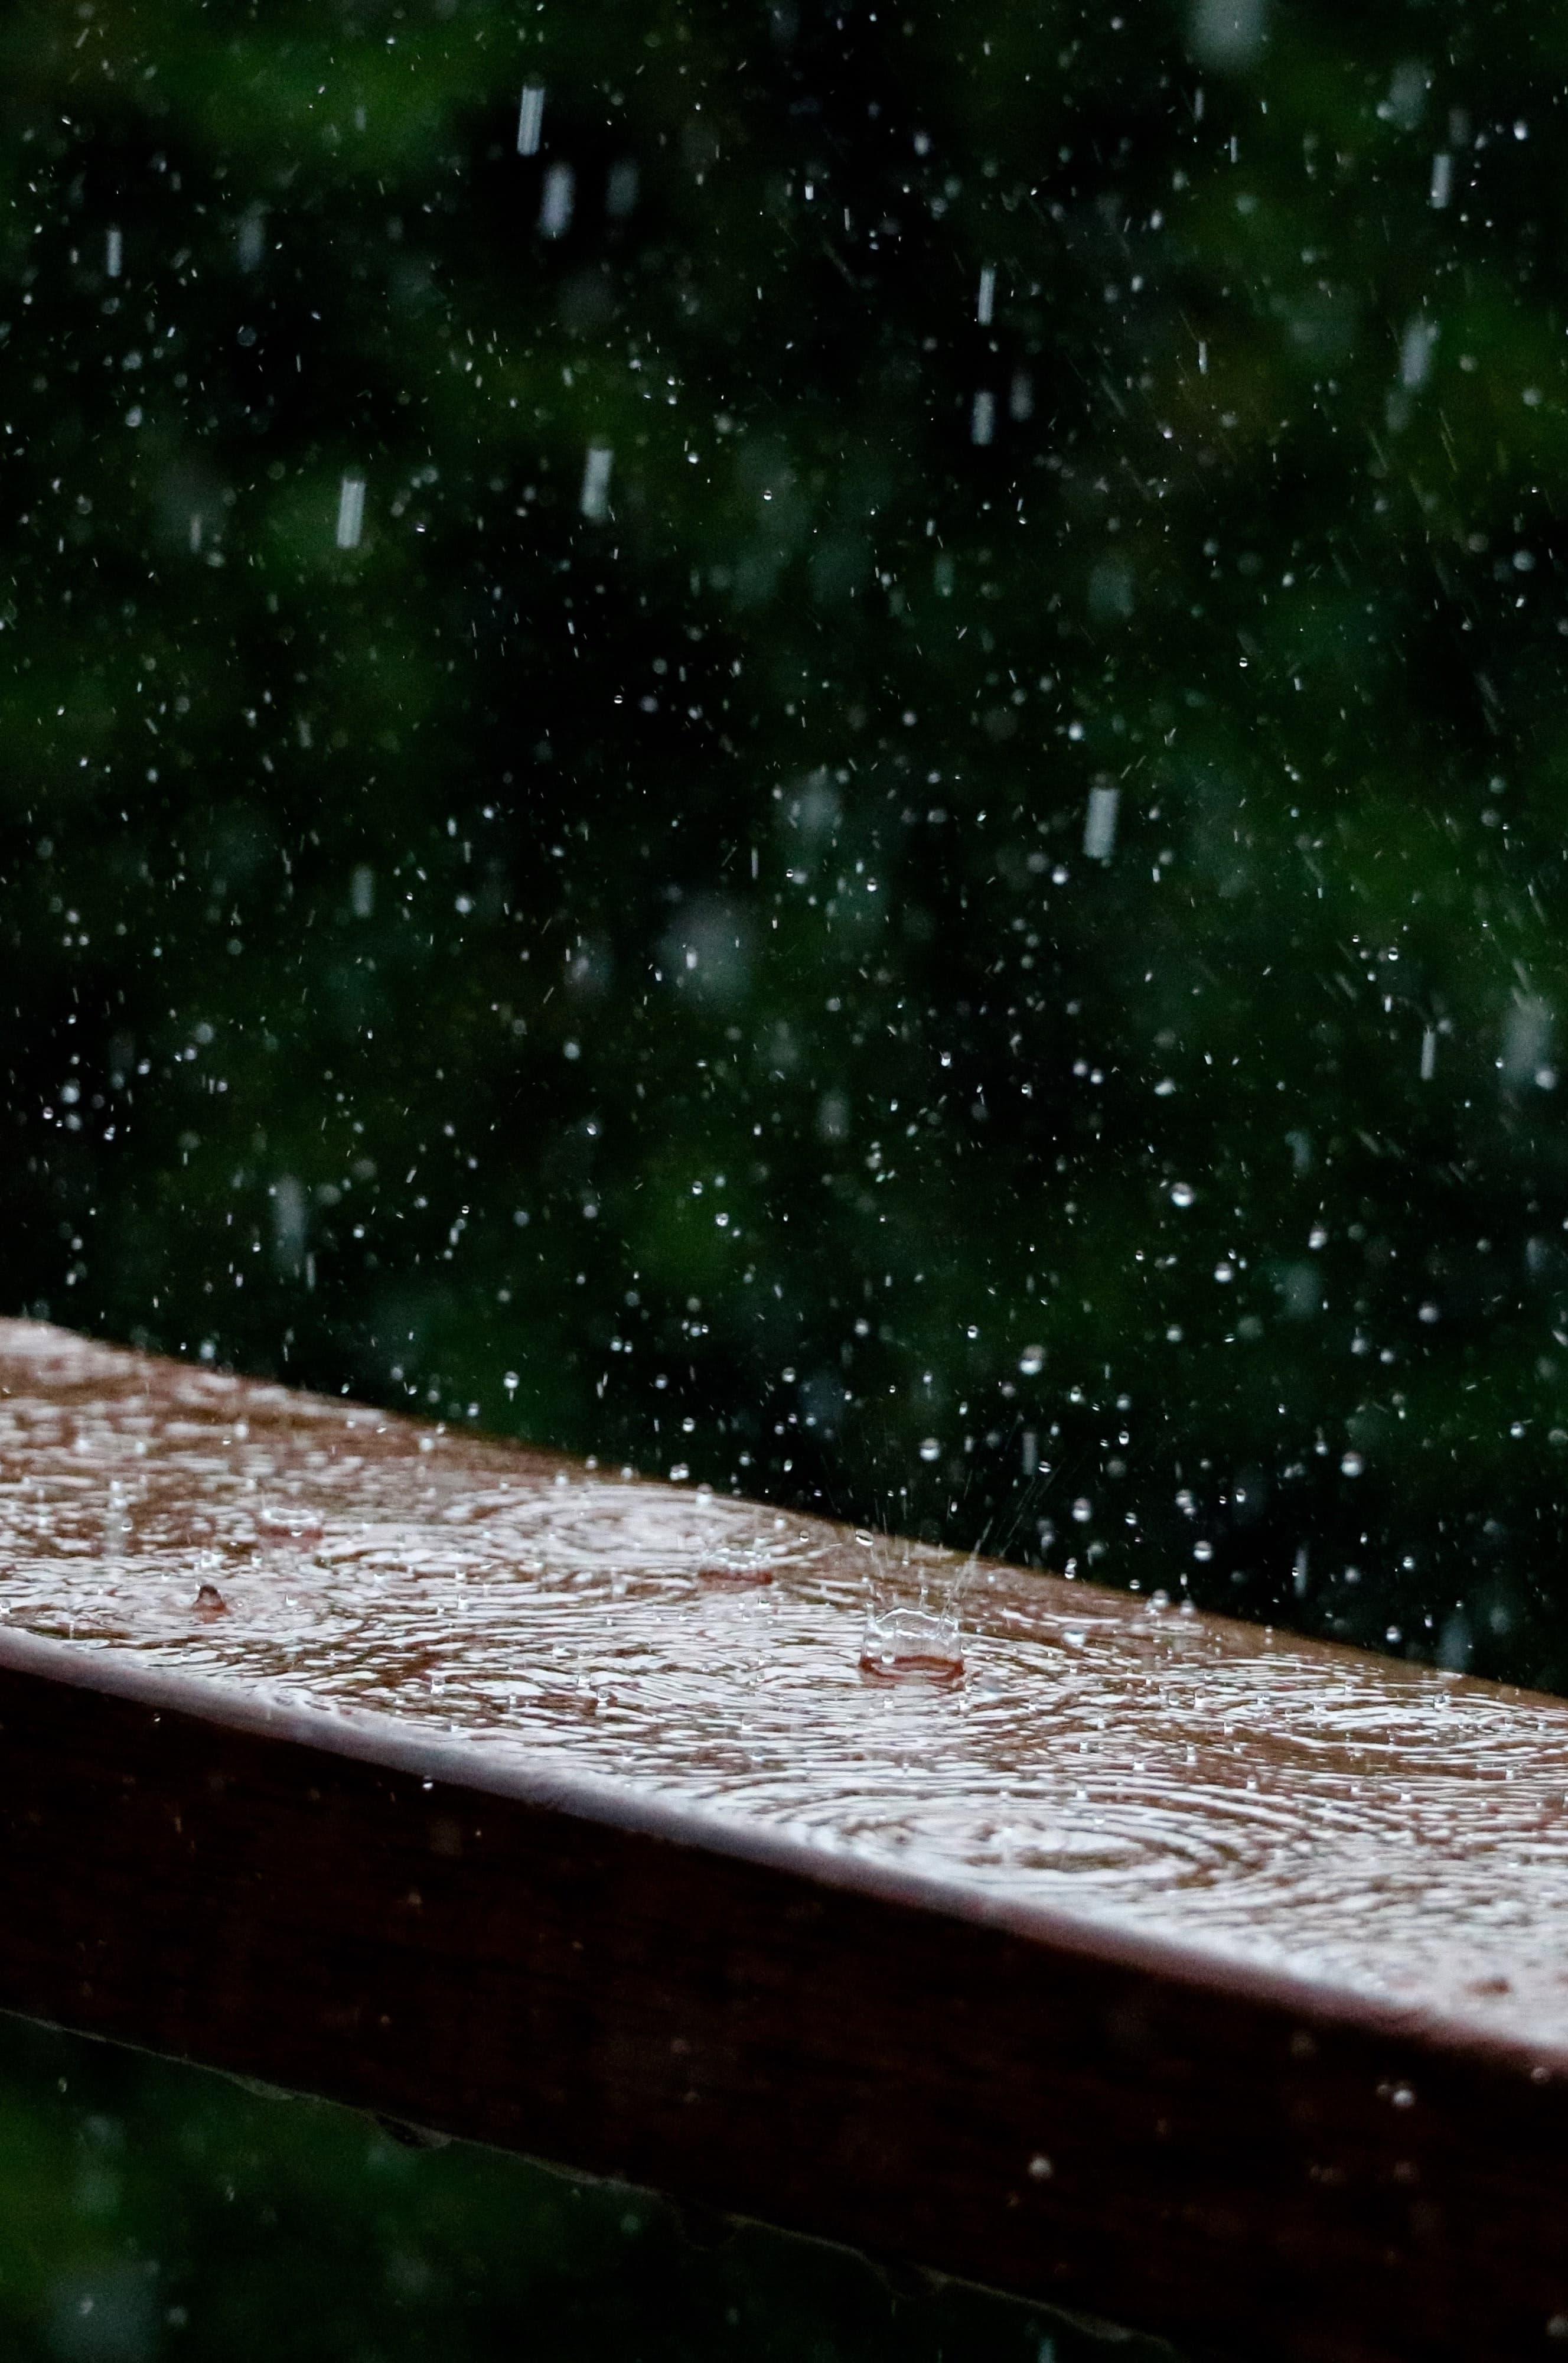 rain hitting rail